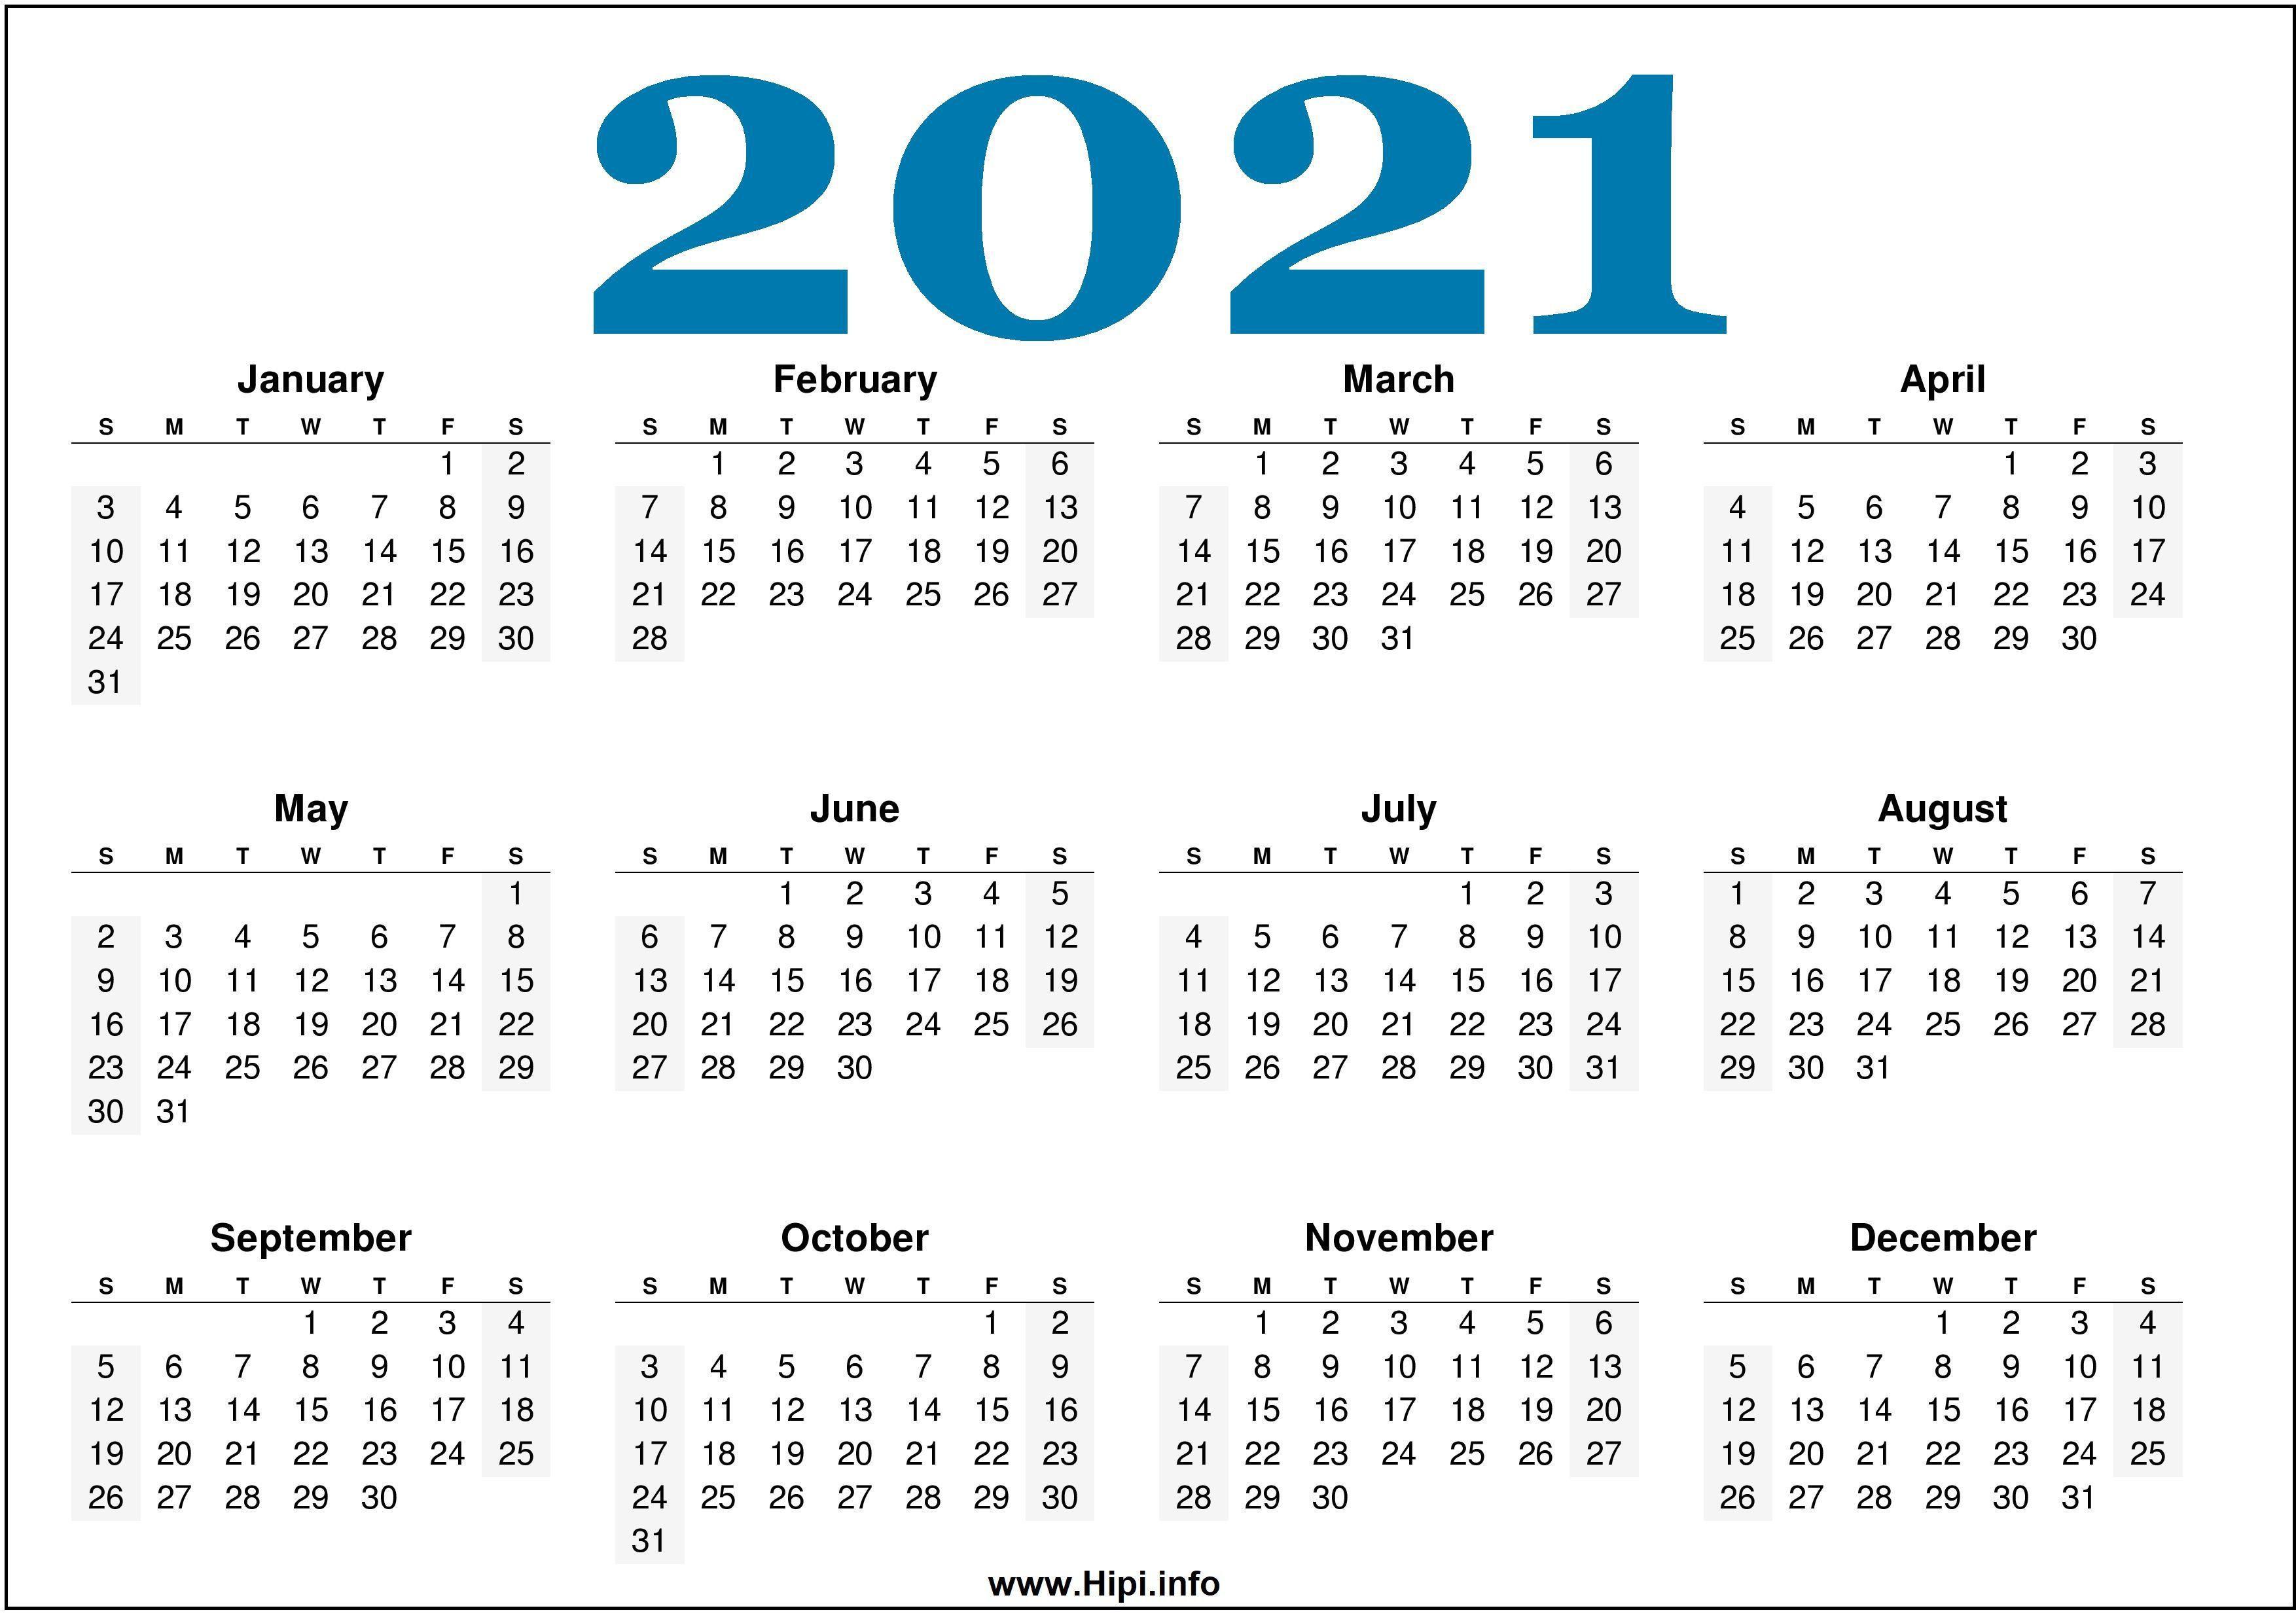 Free Desktop Calendar Wallpaper 2021 In 2021 Printable Calendar Template Calendar Printables Calendar Template